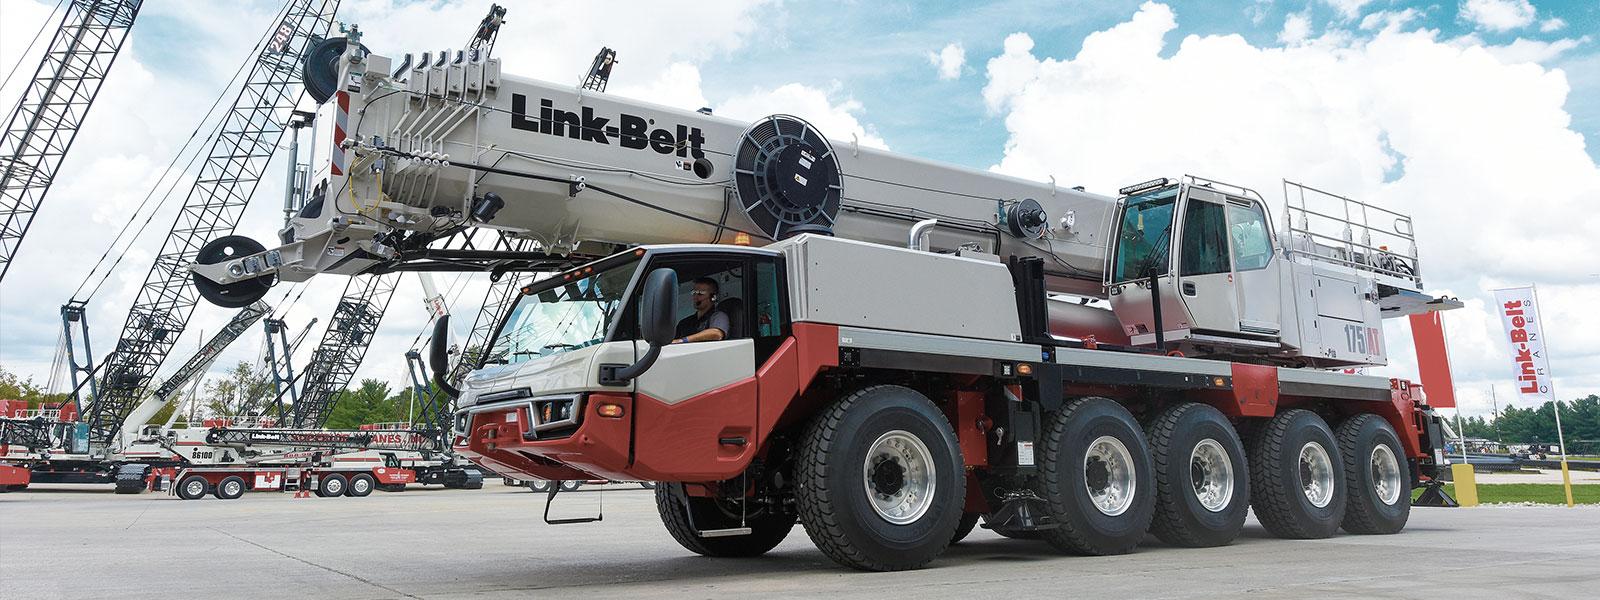 link-belt-banner